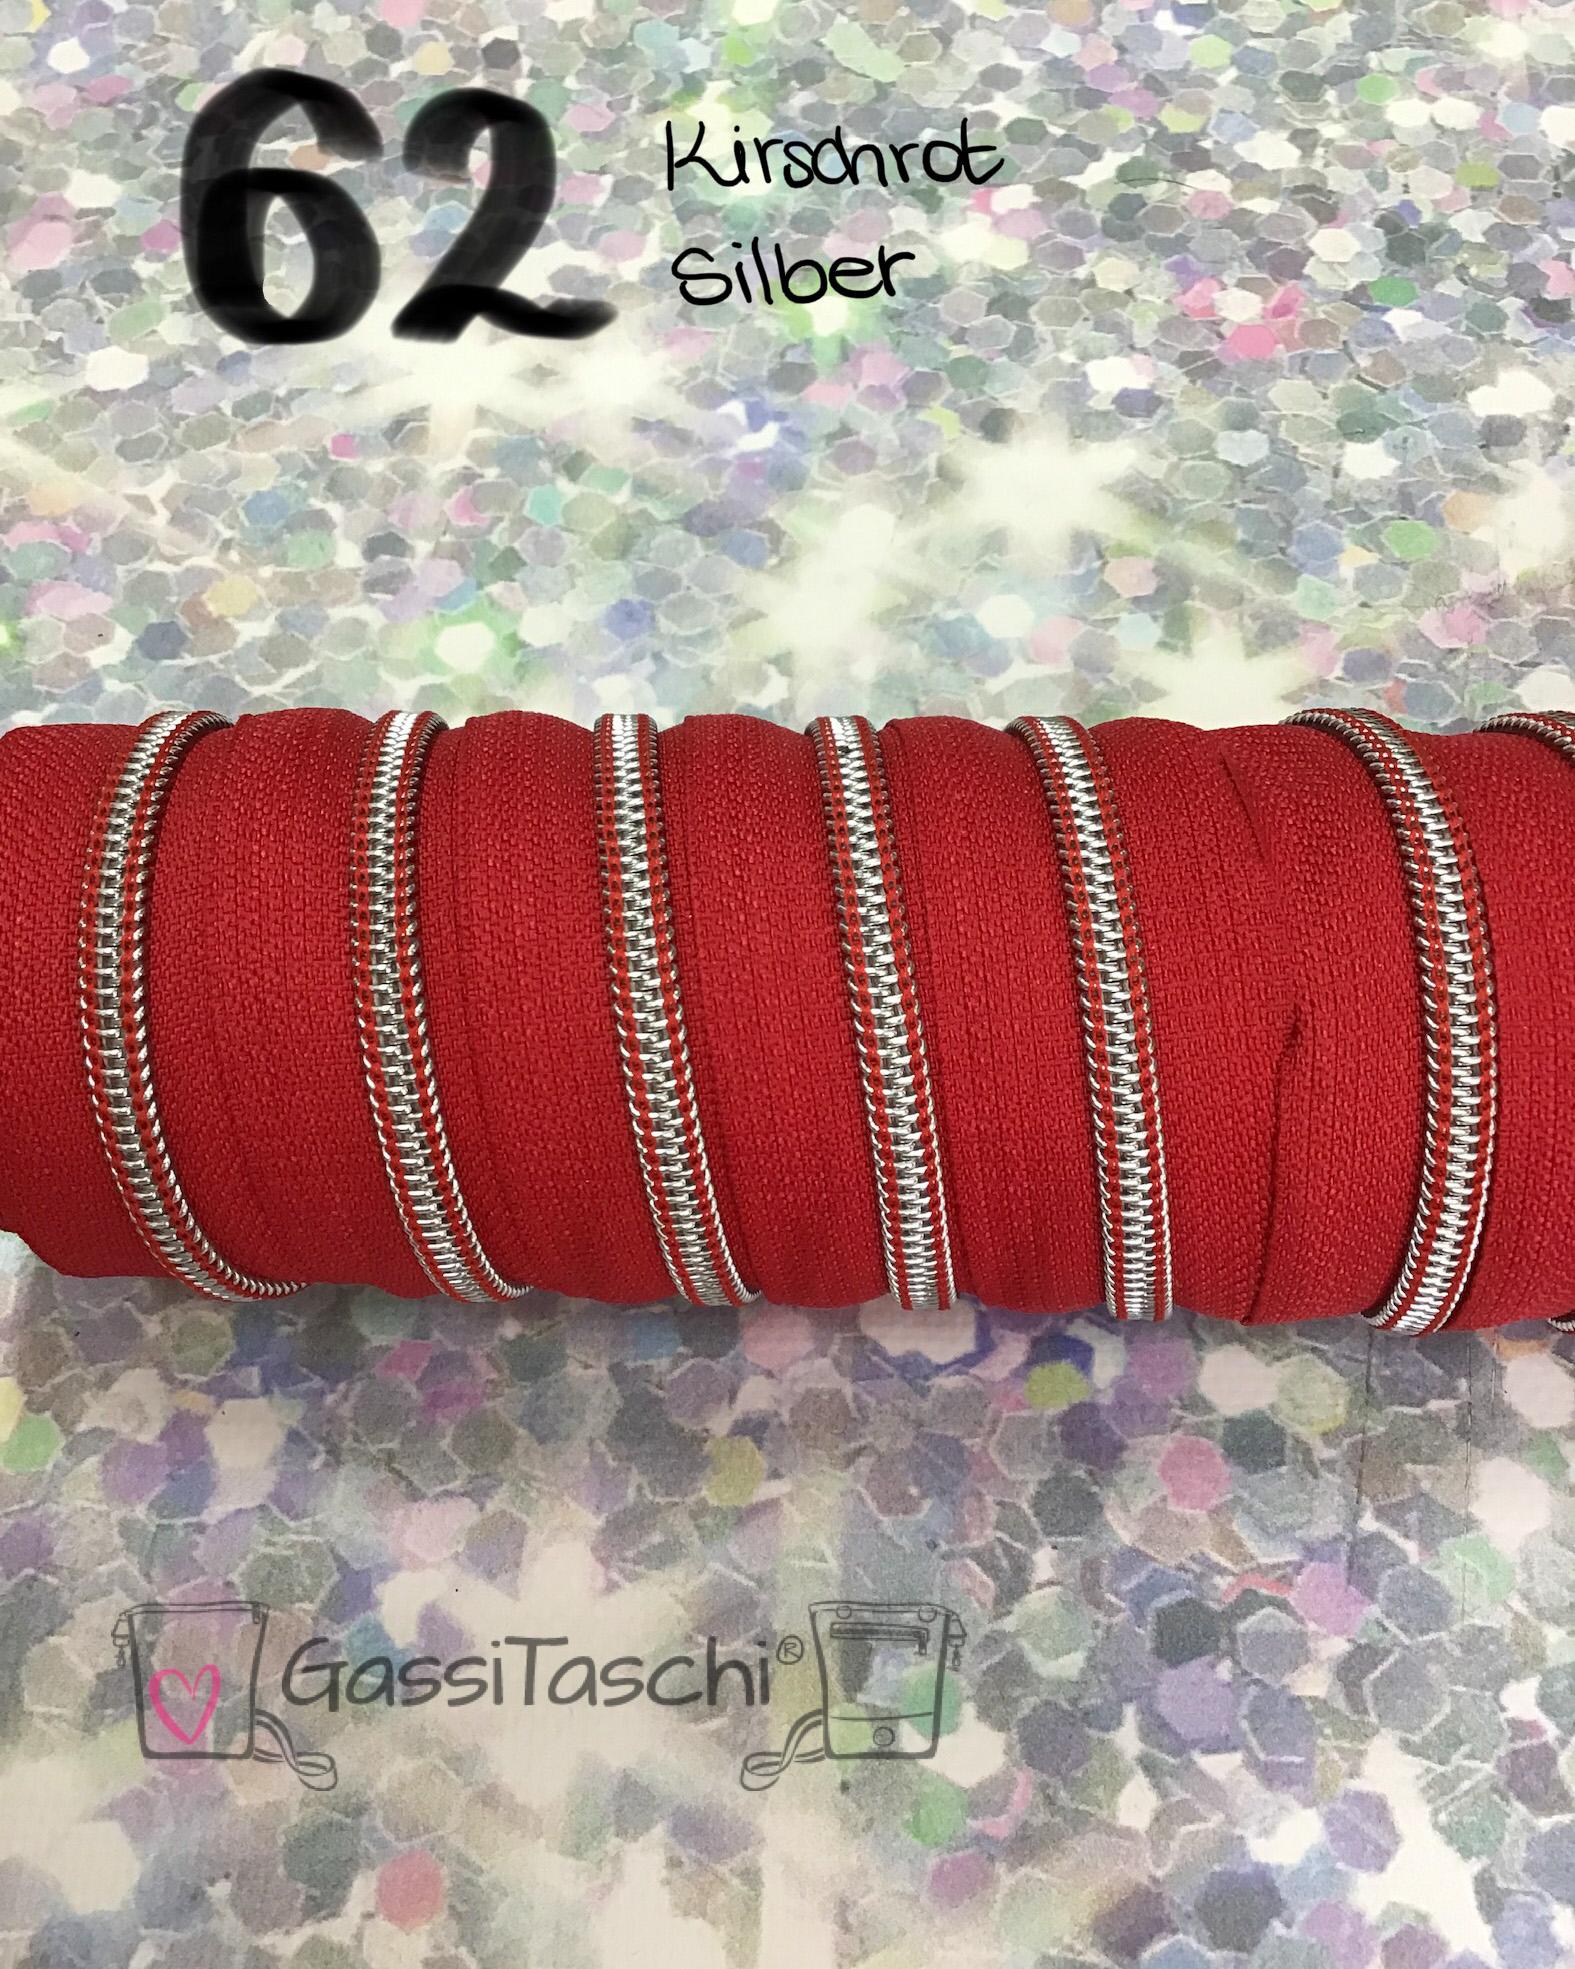 062-Kirschrot-silber